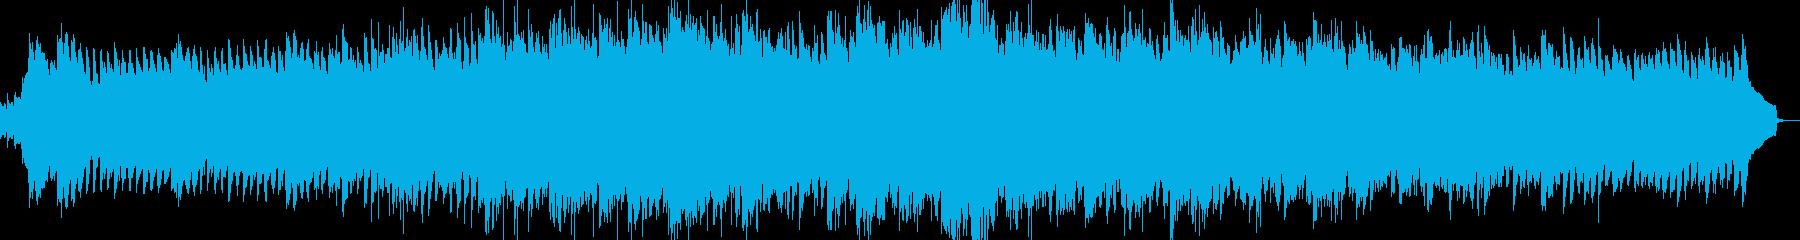 【VP・CM風】さわやかでテンポのいい曲の再生済みの波形